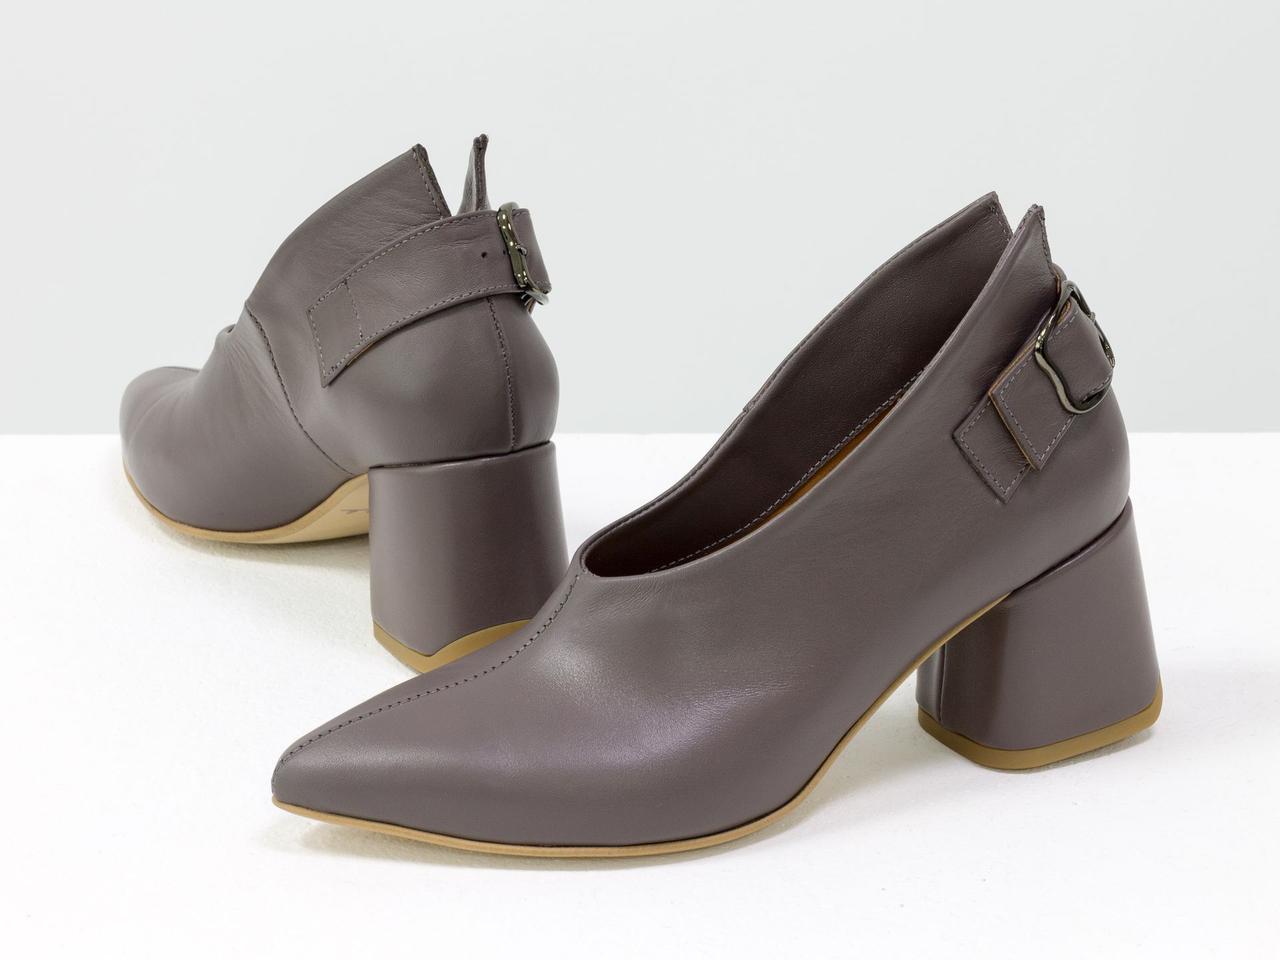 Туфли женские кожаные закрытые на среднем каблуке с пряжкой